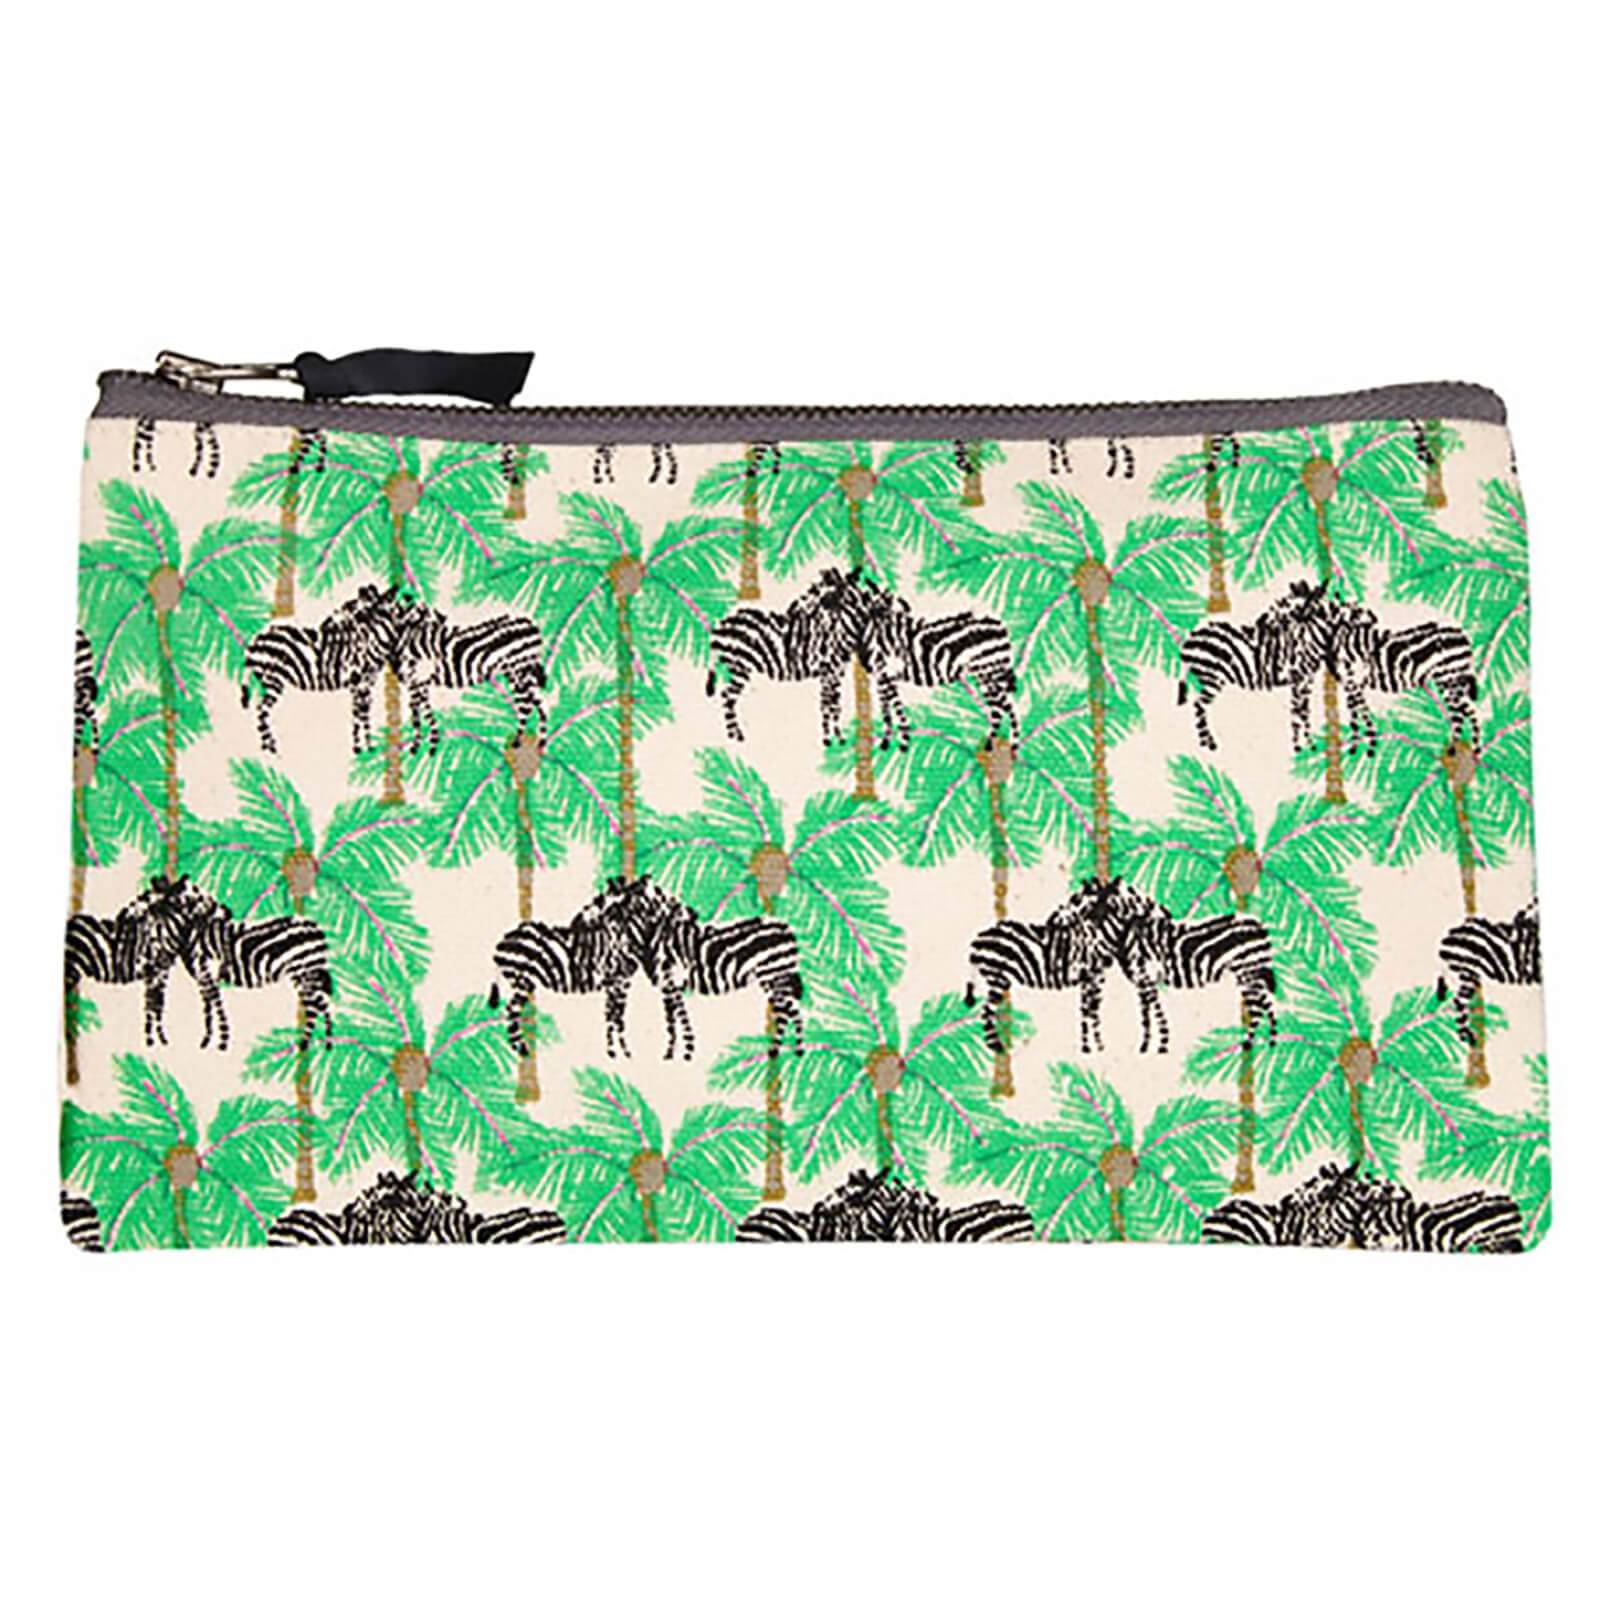 Fenella Smith Zebra Pencil Case